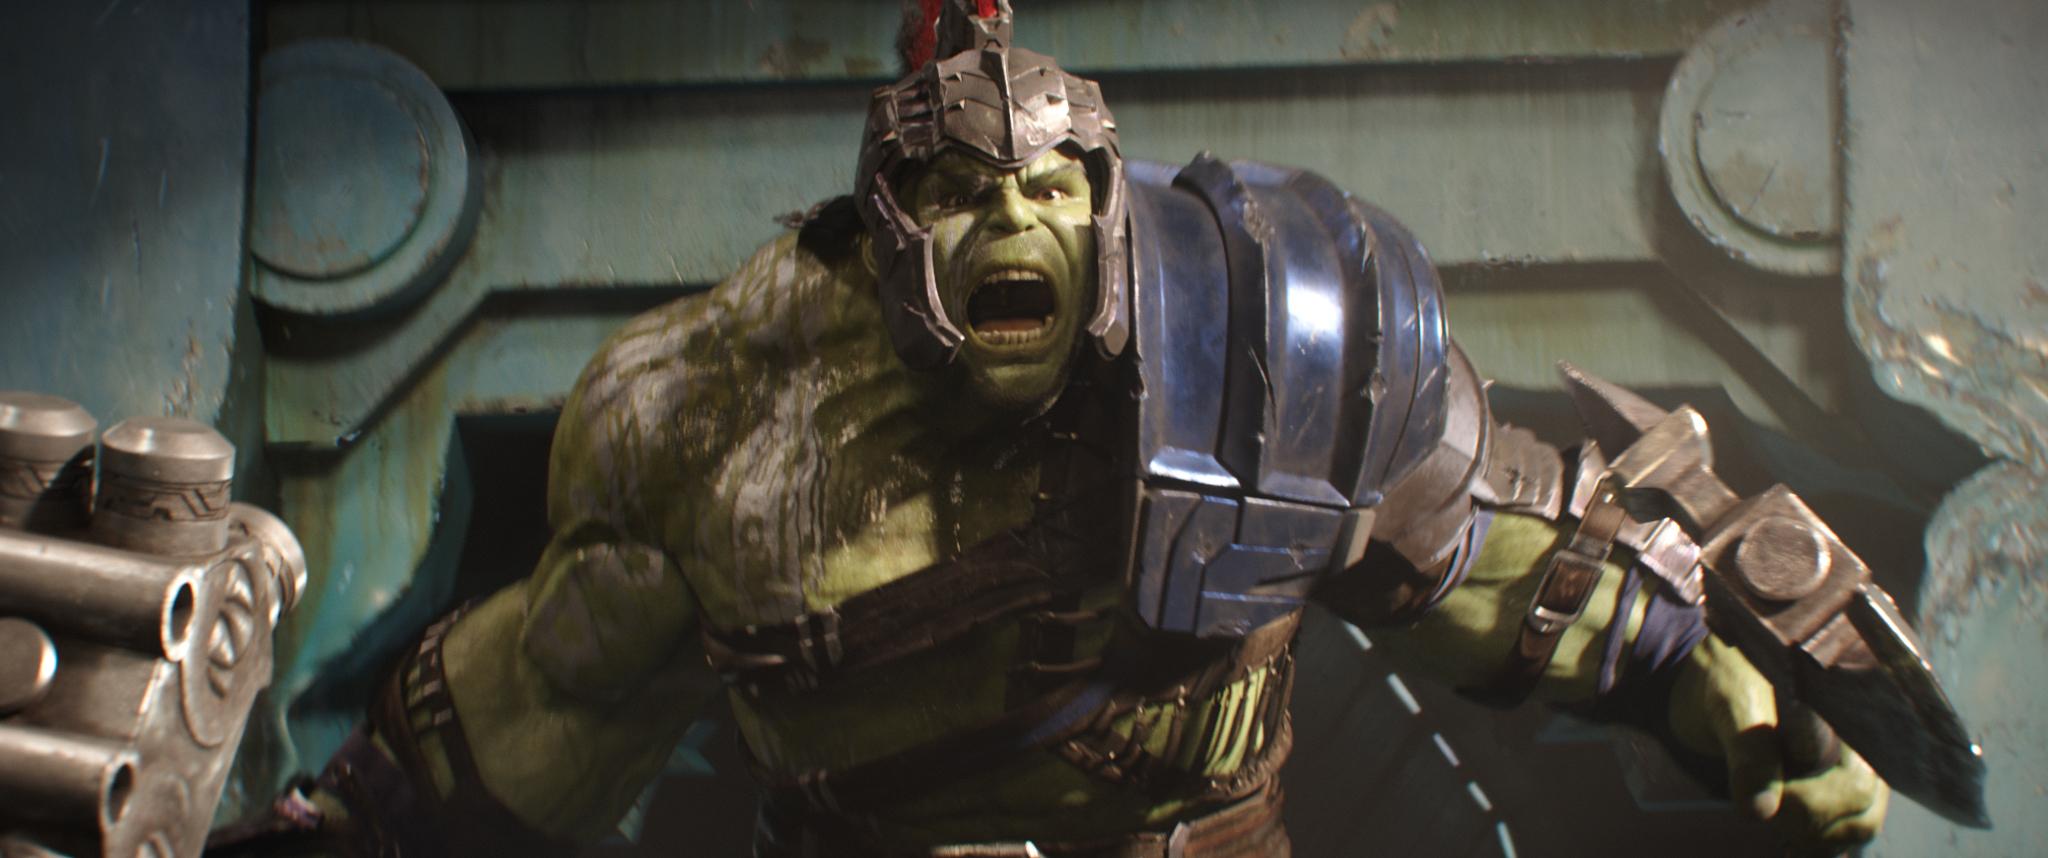 thor: ragnarok-hulk-gladiador